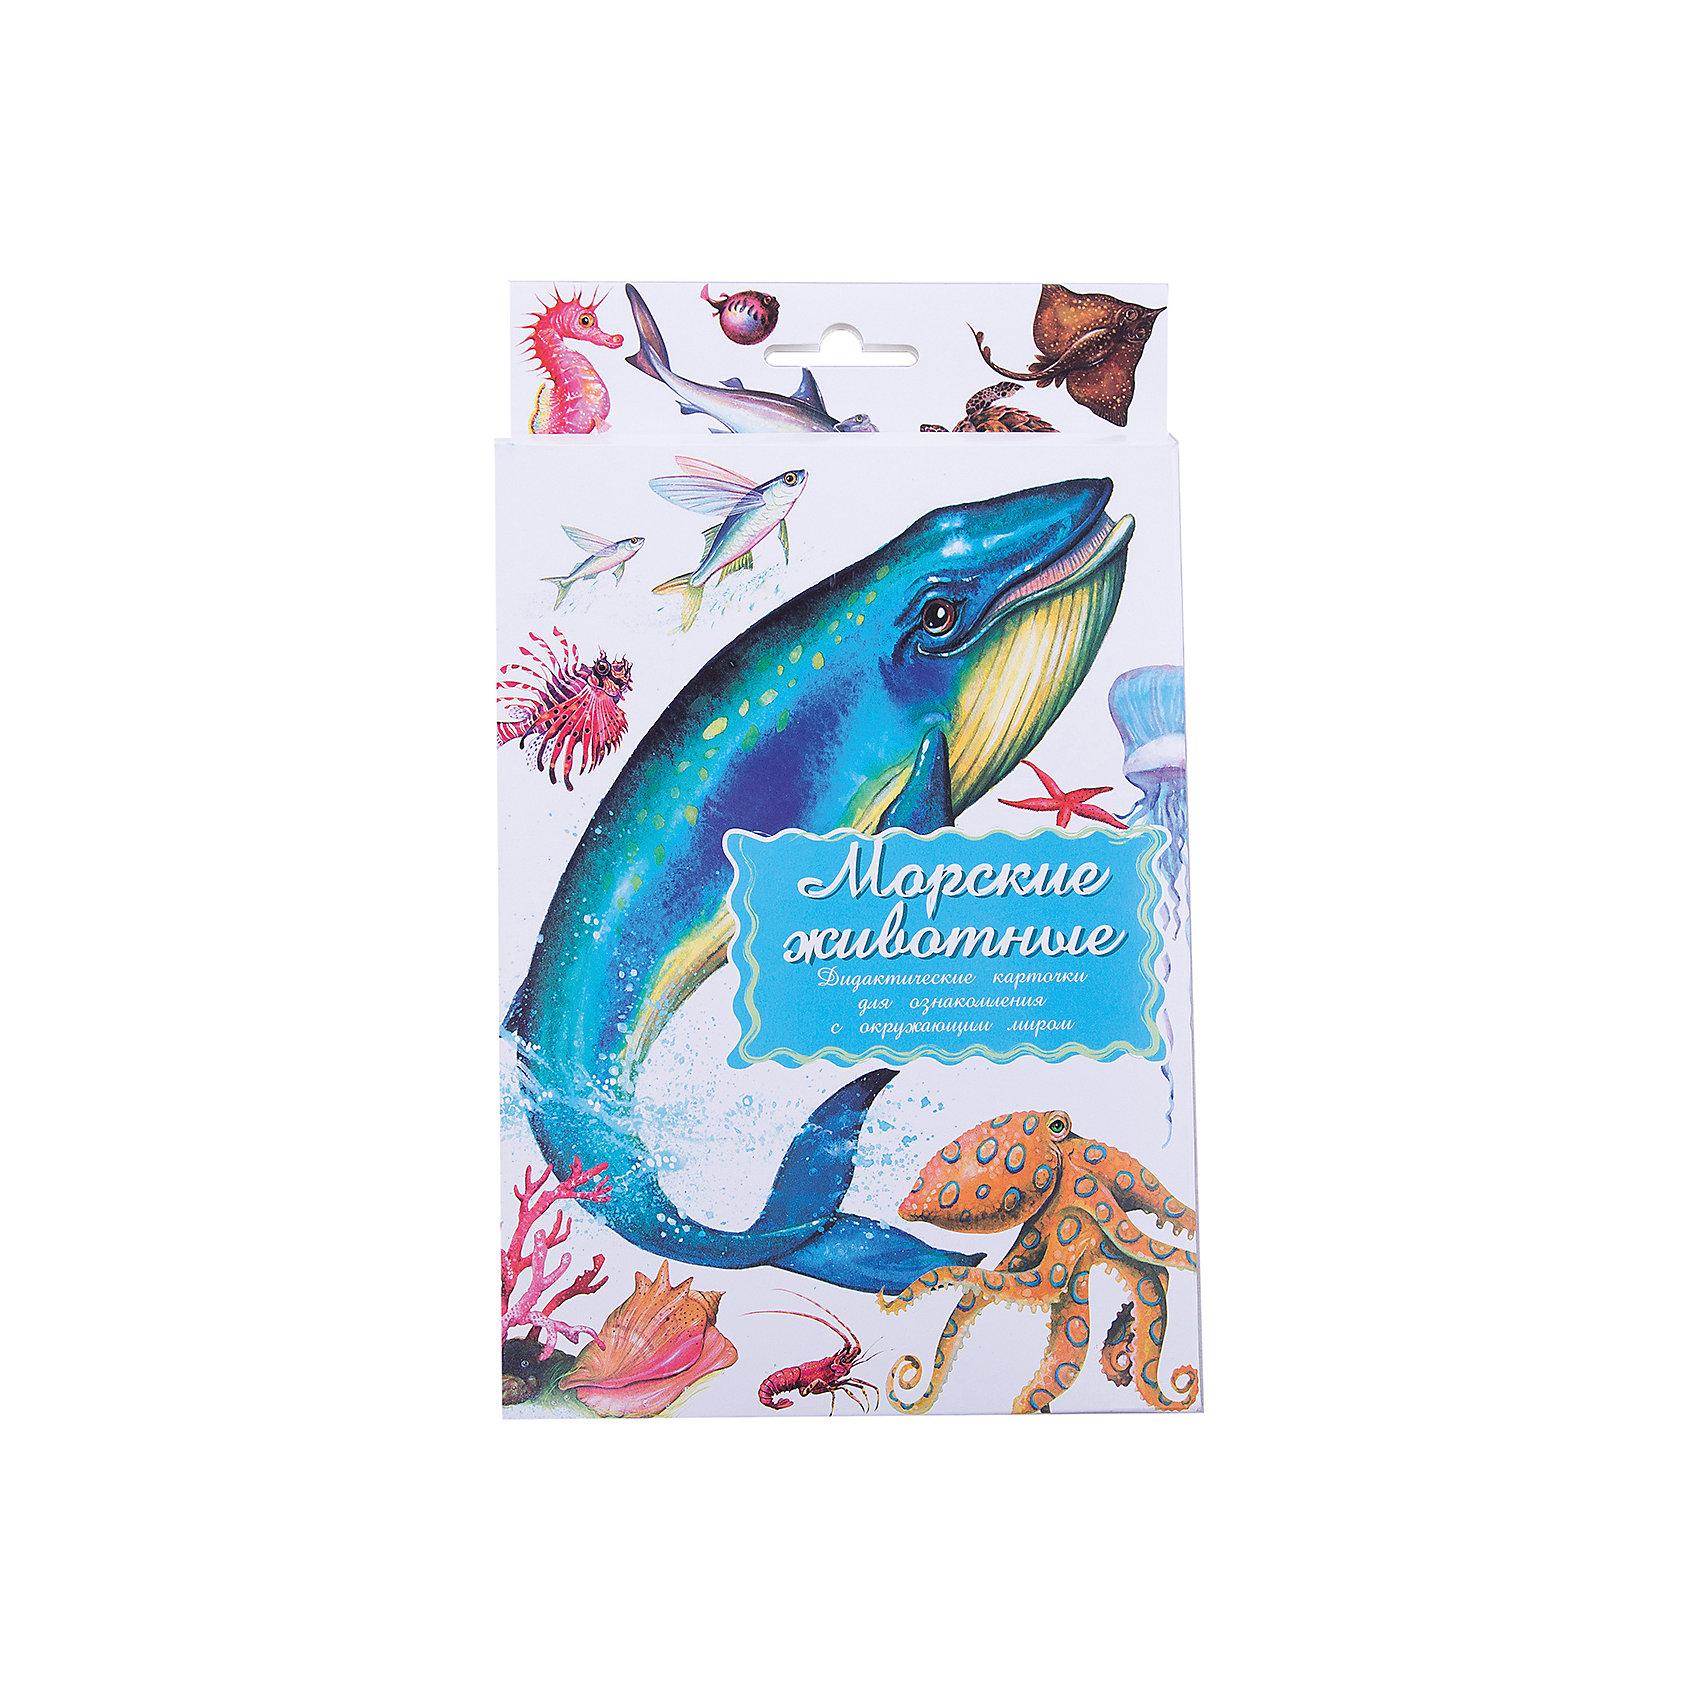 Дидактические карточки Морские обитатели, Маленький генийОбучающие карточки<br>Дидактические карточки Морские обитатели, Маленький гений.<br><br>Характеристики:<br><br>• Художник: Подколзин Евгений<br>• Количество карточек: 16<br>• Размер карточек: 25х15 см.<br>• Материал: картон<br>• Упаковка: картонный блистер с европодвесом<br>• Размер упаковки: 25,2х15,1х1 см.<br><br>Дидактические карточки с крупными яркими картинками познакомят малыша с некоторыми самыми известными морскими обитателями: китом, акулой, летучей рыбой, дельфином, морской звездой, португальским корабликом, скатом, осьминогом, рыбой-шаром, морским коньком, черепахой Биссой, рыбой-молотом, лангустом, кораллами, кальмаром, скорпеной. Всего в набор входит 16 карточек. На одной стороне каждой карточки изображено животное, а на обратной стороне дано его описание: внешний вид, места обитания, повадки, интересные факты. <br><br>Совсем маленькому ребенку можно просто показывать карточки и называть морских обитателей. Когда он запомнит их можно просить его найти карточку с тем или иным животным или назвать животное, которое Вы ему показываете. Можно сортировать морских обитателей, например, опасных и безобидных. Если ребенок учится читать, можно отрезать названия и, перемешав, предложить ребенку подобрать картинки к названиям. <br><br>С карточками можно организовать и множество игр на развитие внимания, логического мышления и памяти. Игра «Четвертый лишний»: из четырех карточек, одна из которых отличается от трех других, ребенок должен выбрать лишнюю и объяснить свой выбор. Можно по очереди с ребенком отвечать на вопрос «Какой?» относительно каждой карточки, стараясь дать больше ответов. <br><br>Разглядывая карточки, играя с ними, ваш малыш не только обогатит свой багаж знаний об окружающем мире, но и научится составлять предложения, беседовать по картинкам, классифицировать и систематизировать предметы. Карточки рекомендуются родителям, логопедами, психологами, воспитателями детских садов, учителями начальн